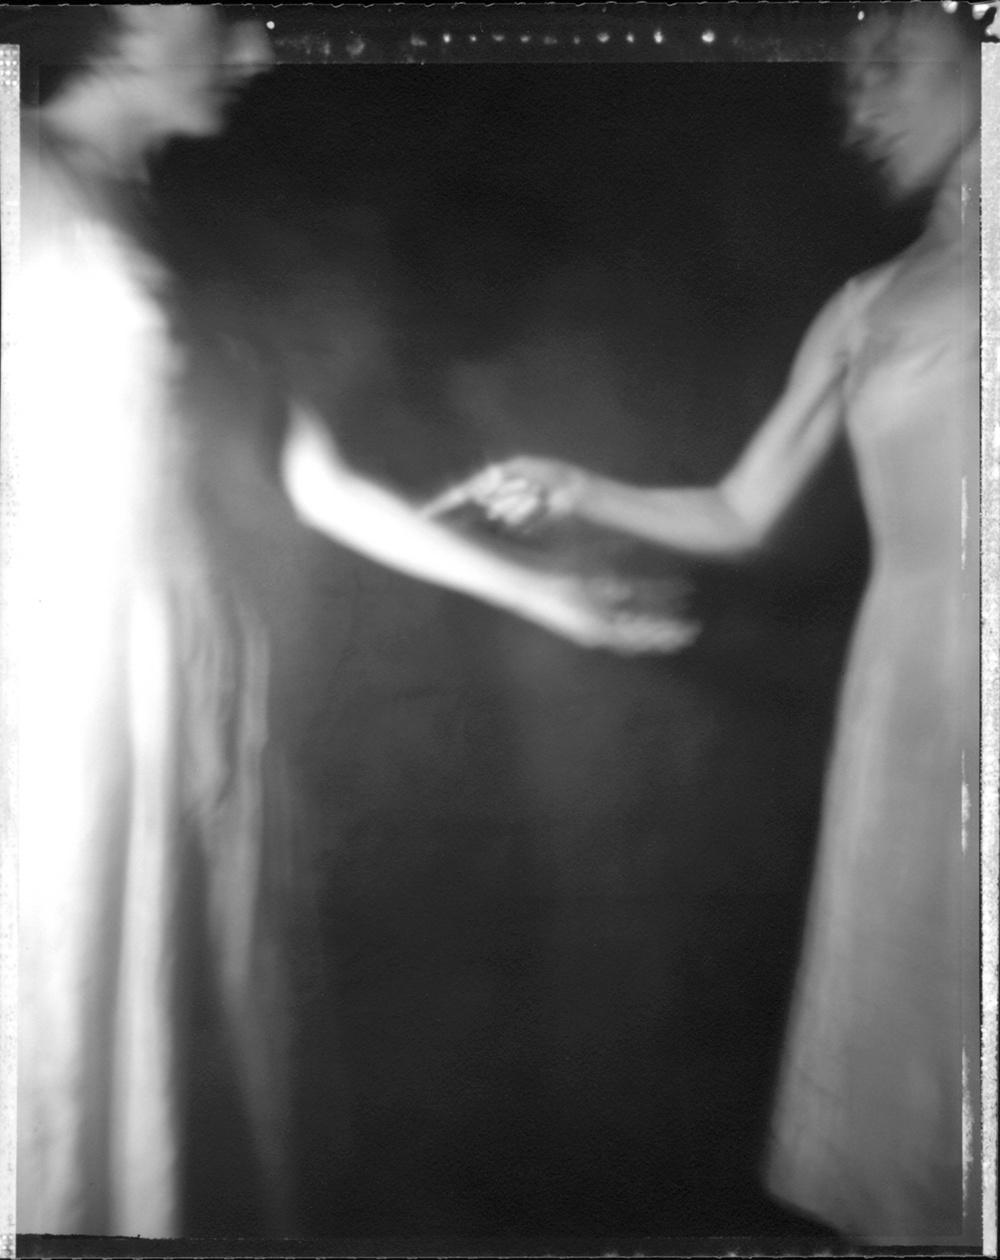 Self Portrait #48D, 2001